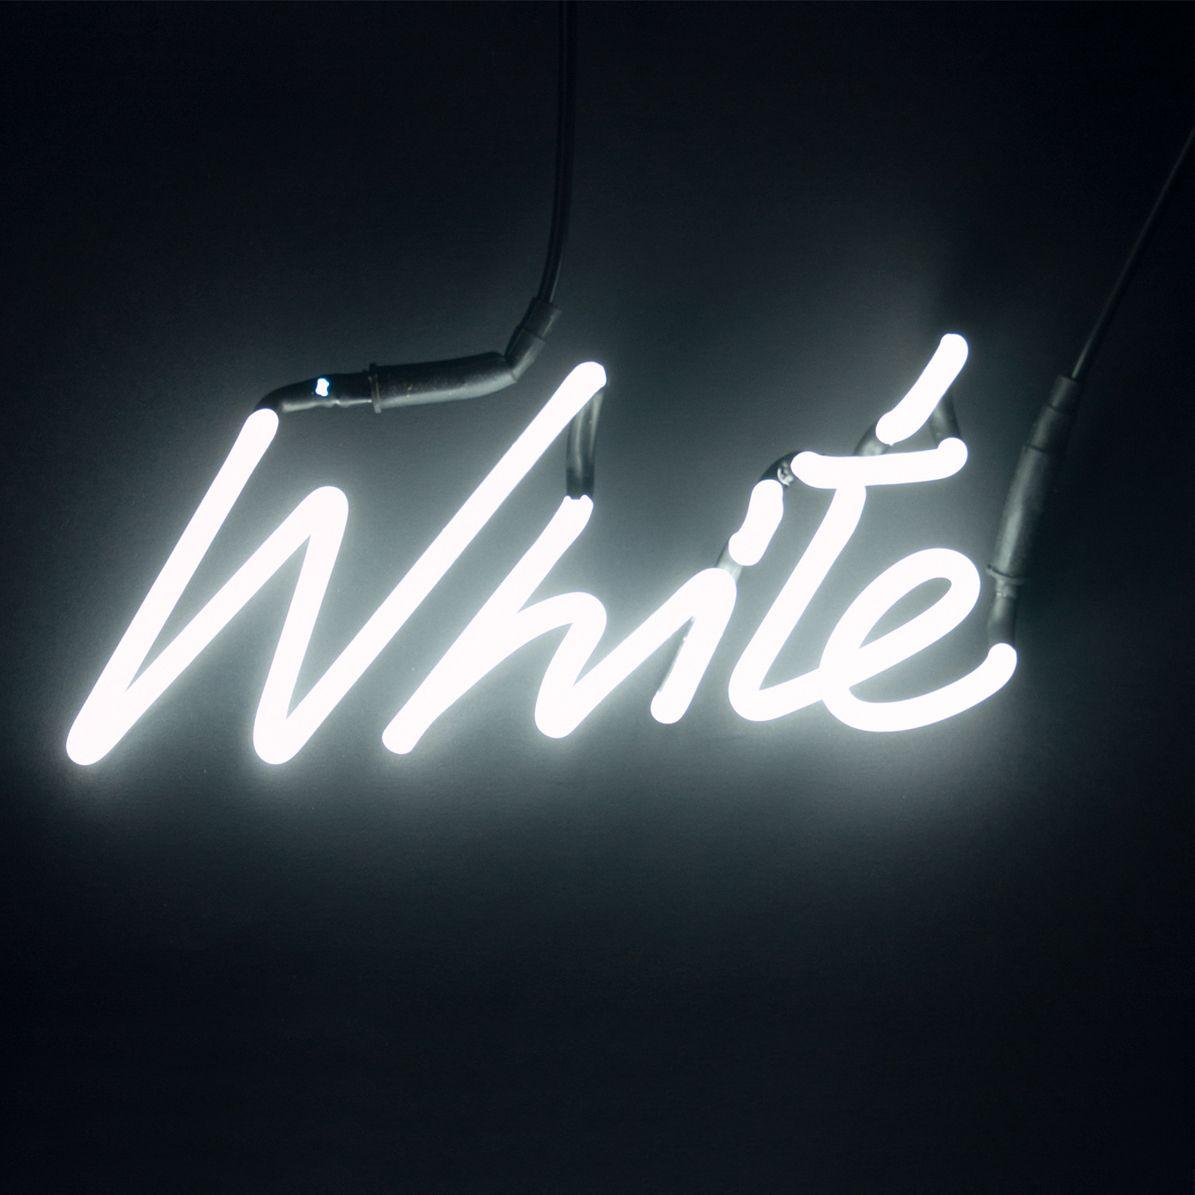 Neon A Accrocher Au Mur shades - applique / enseigne néon blanc   applique murale